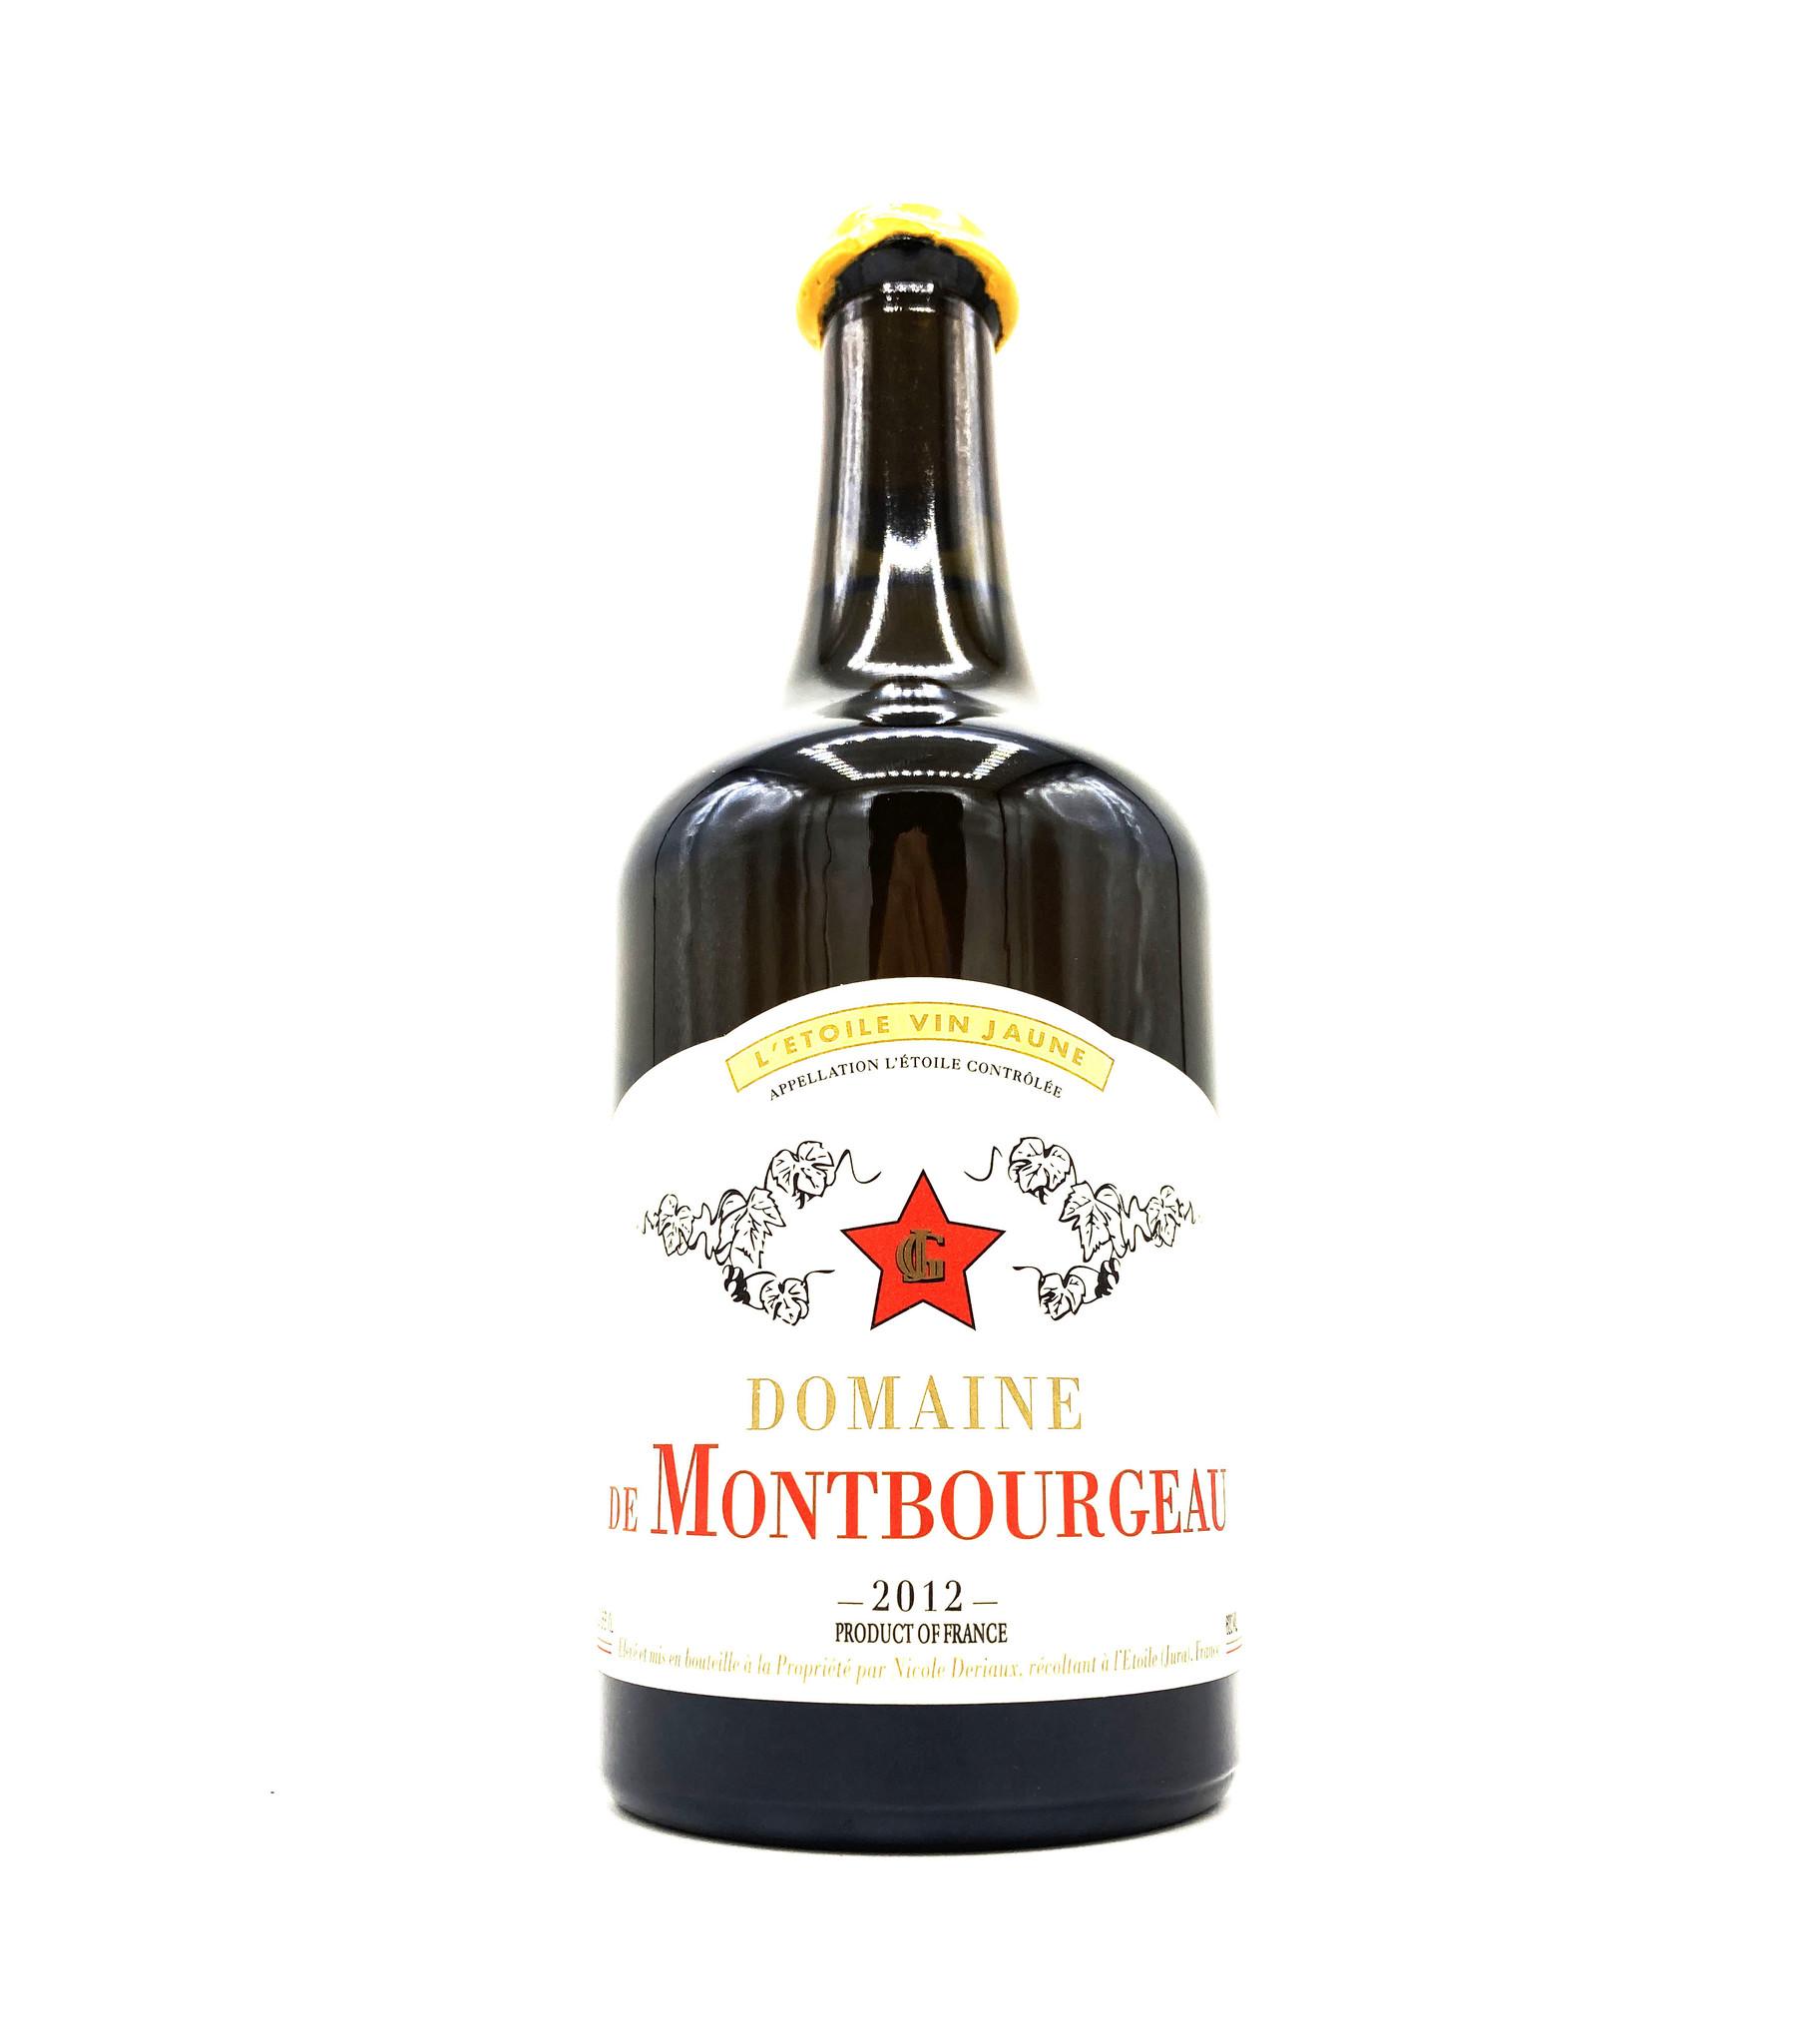 L'Etoile Vin Jaune 620ml 2012 Domaine Montbourgeau